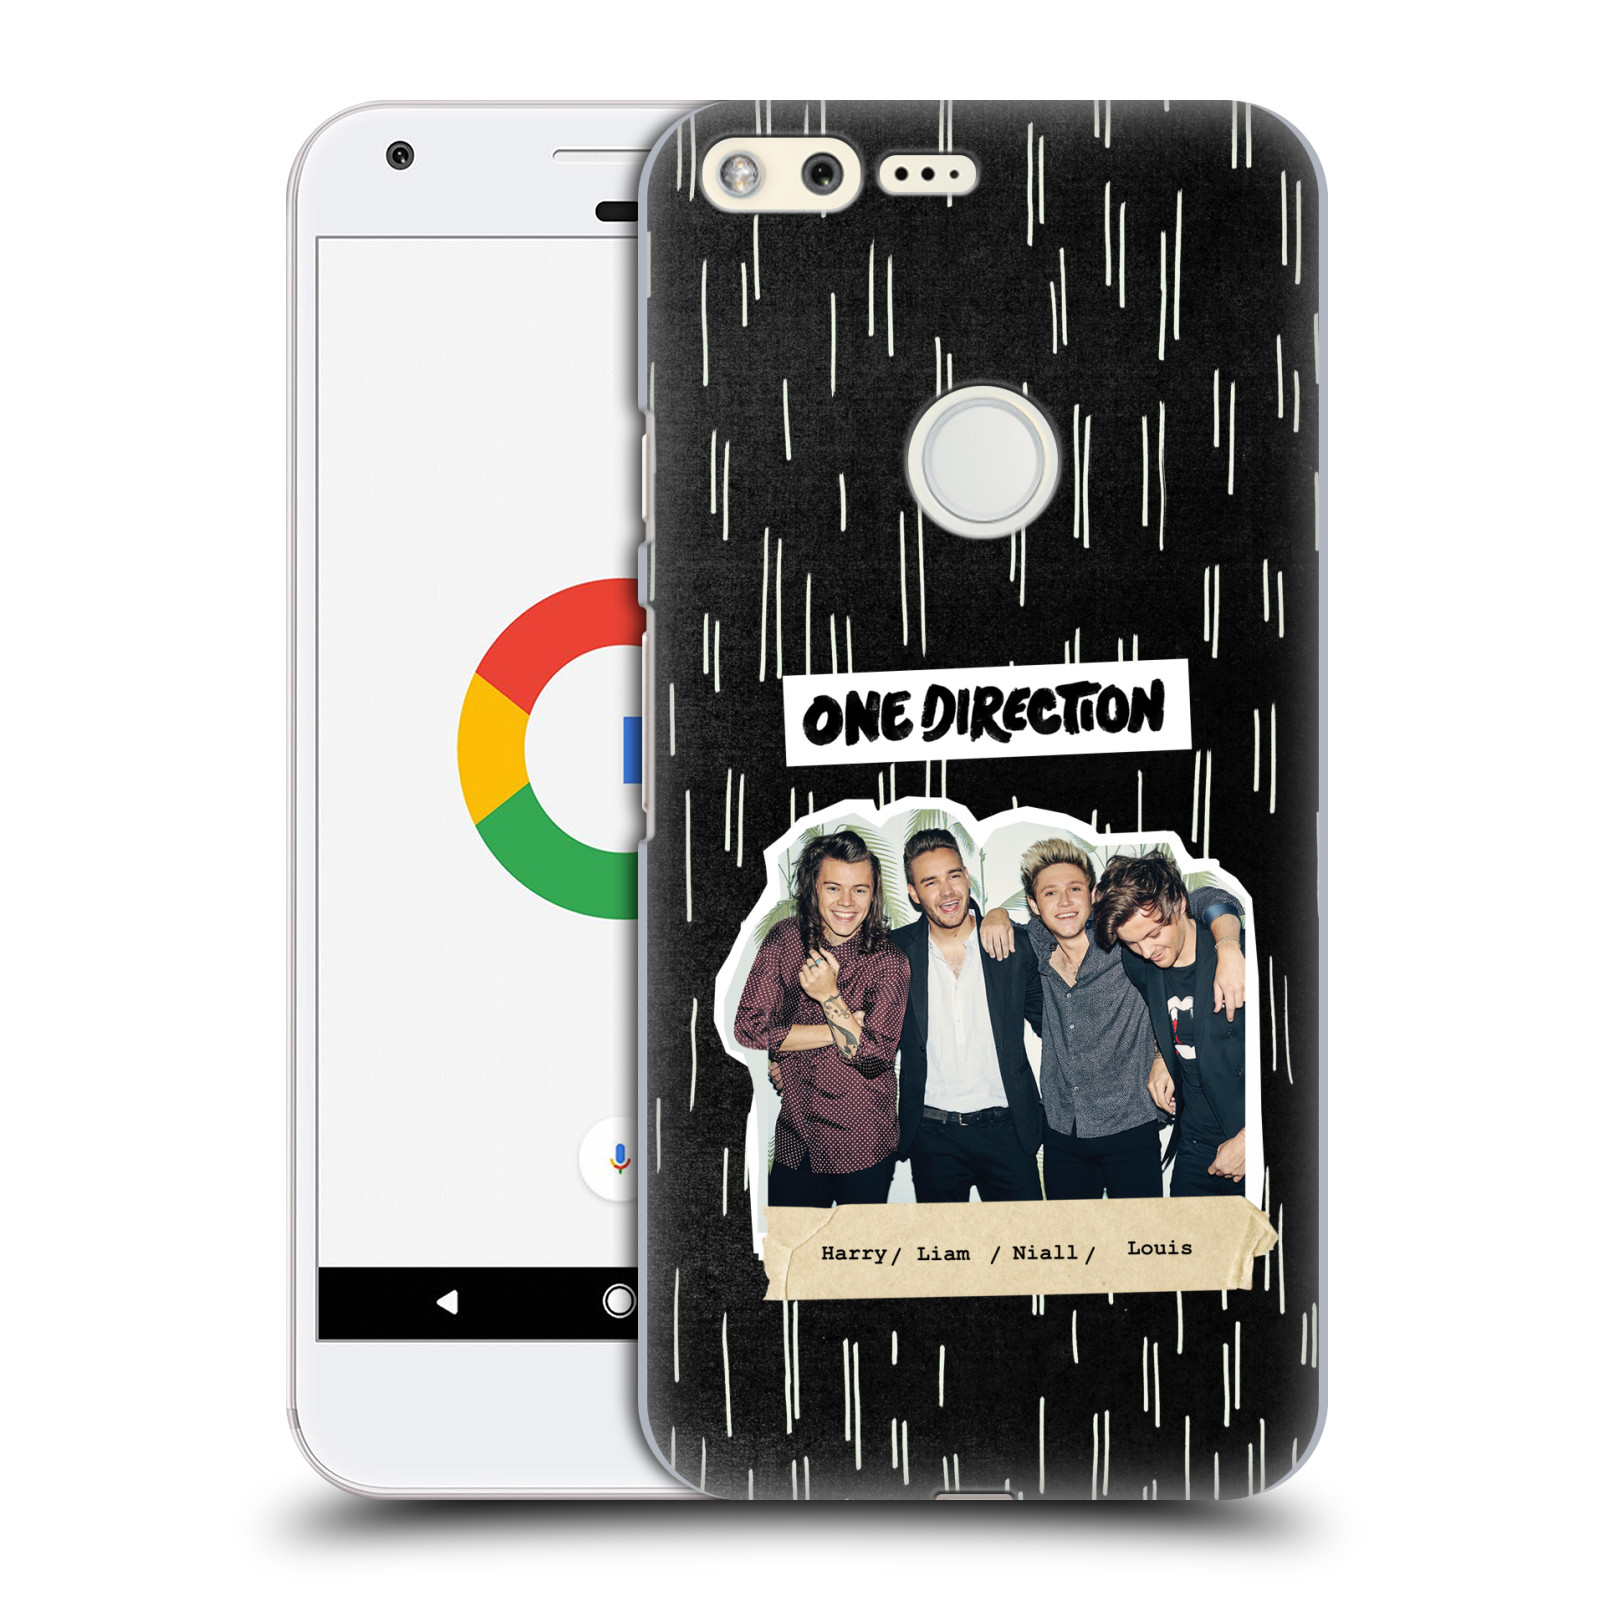 Plastové pouzdro na mobil Google Pixel HEAD CASE One Direction - Sticker Partička